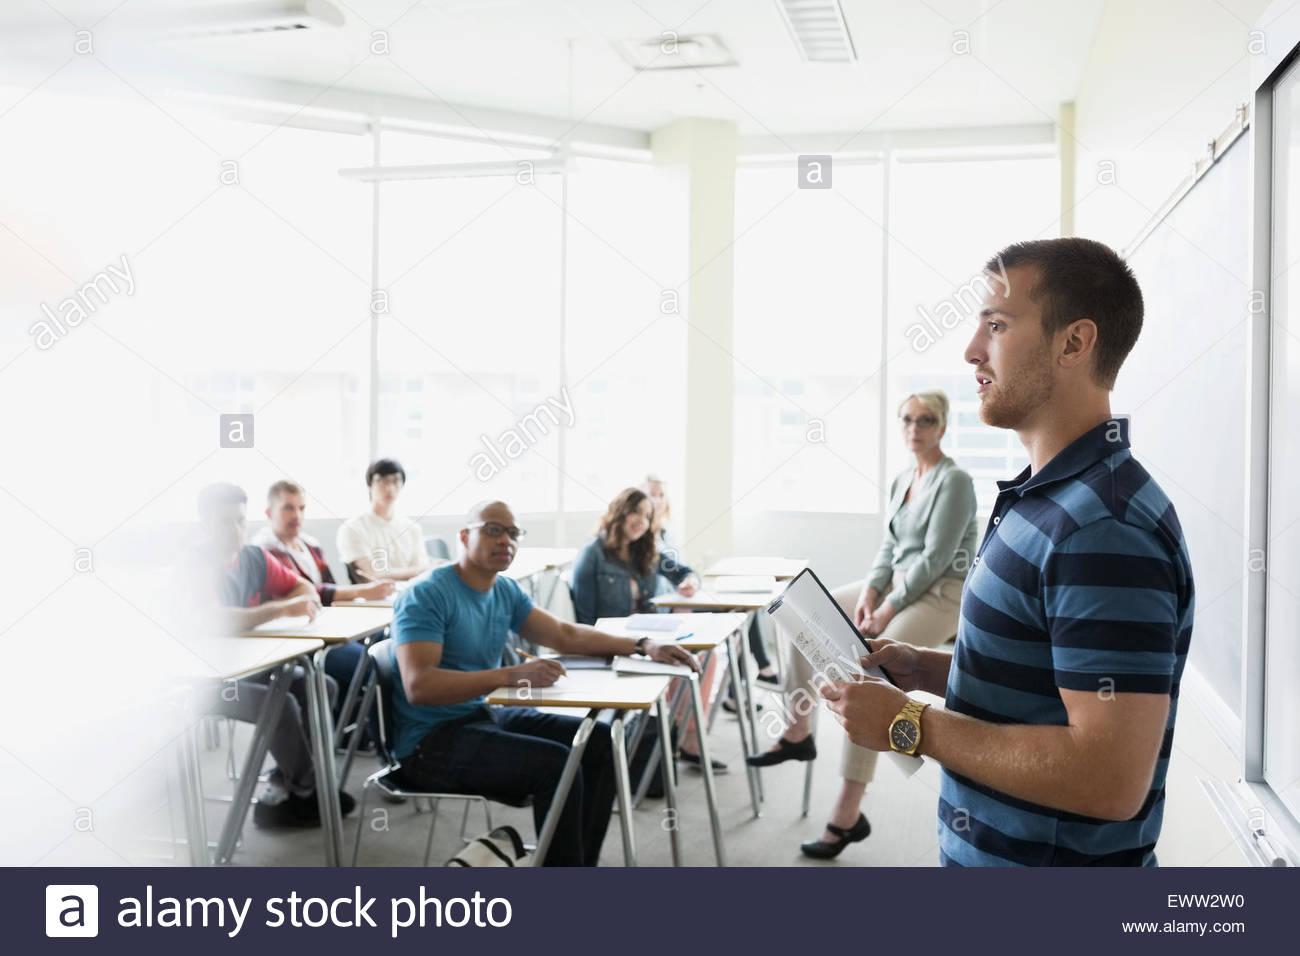 Le professeur et camarades regardant étudiant présentation donner Photo Stock